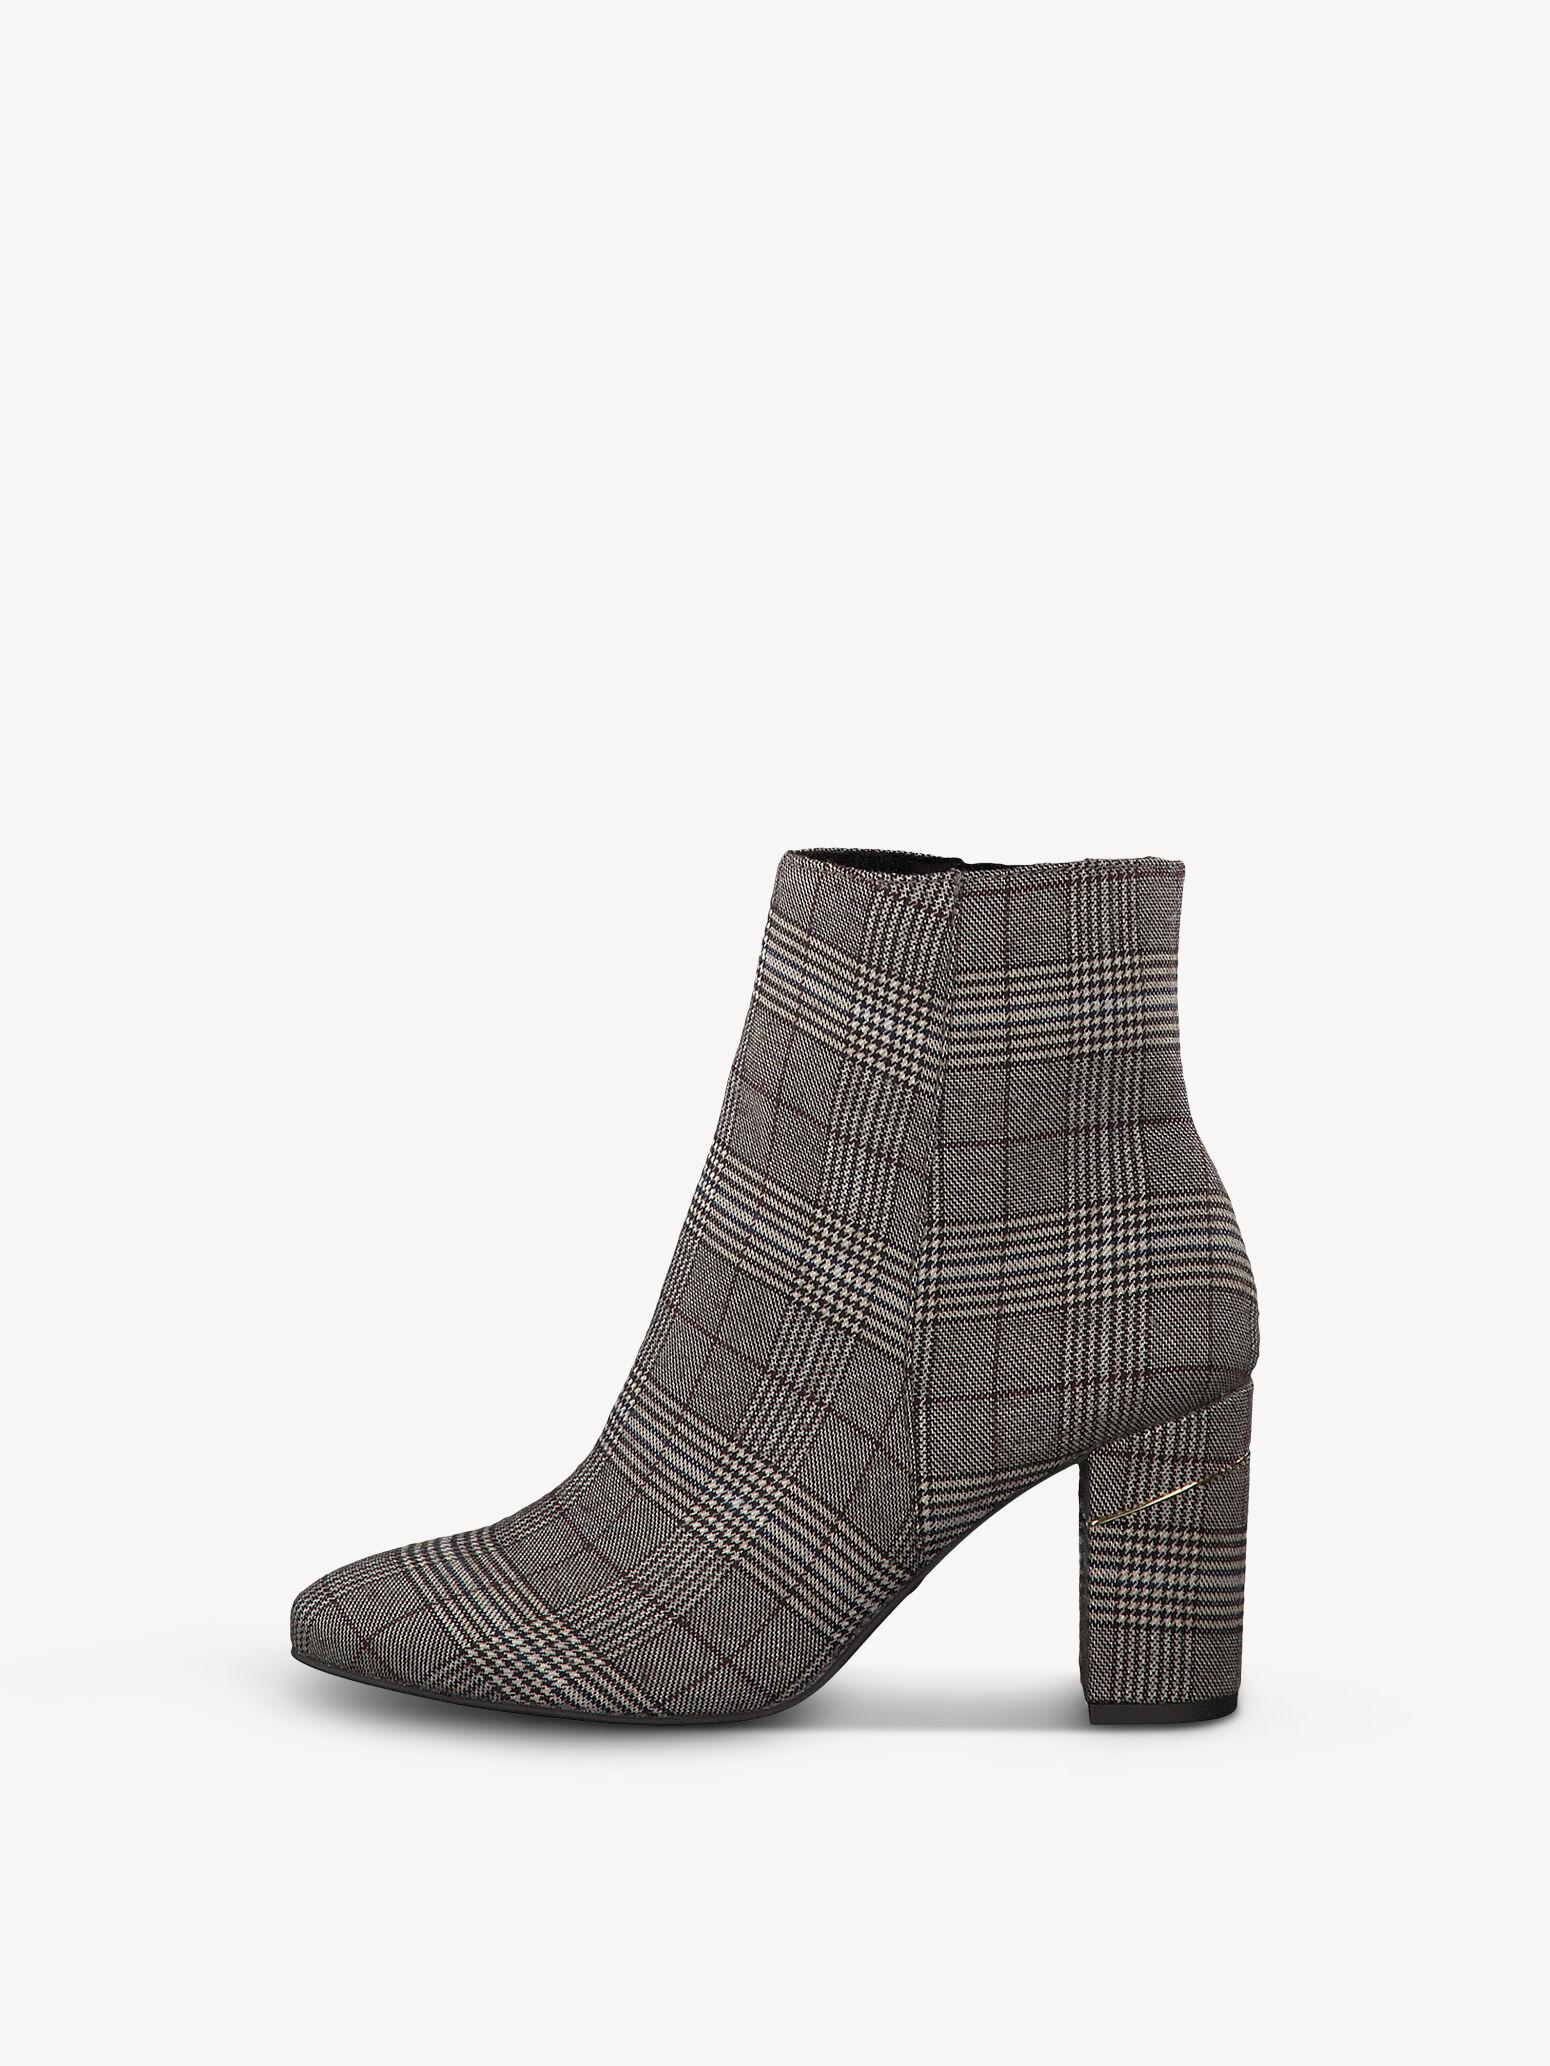 2017 Tamaris Stiefelette Stiefelette Schuhe Boots Hellgrau